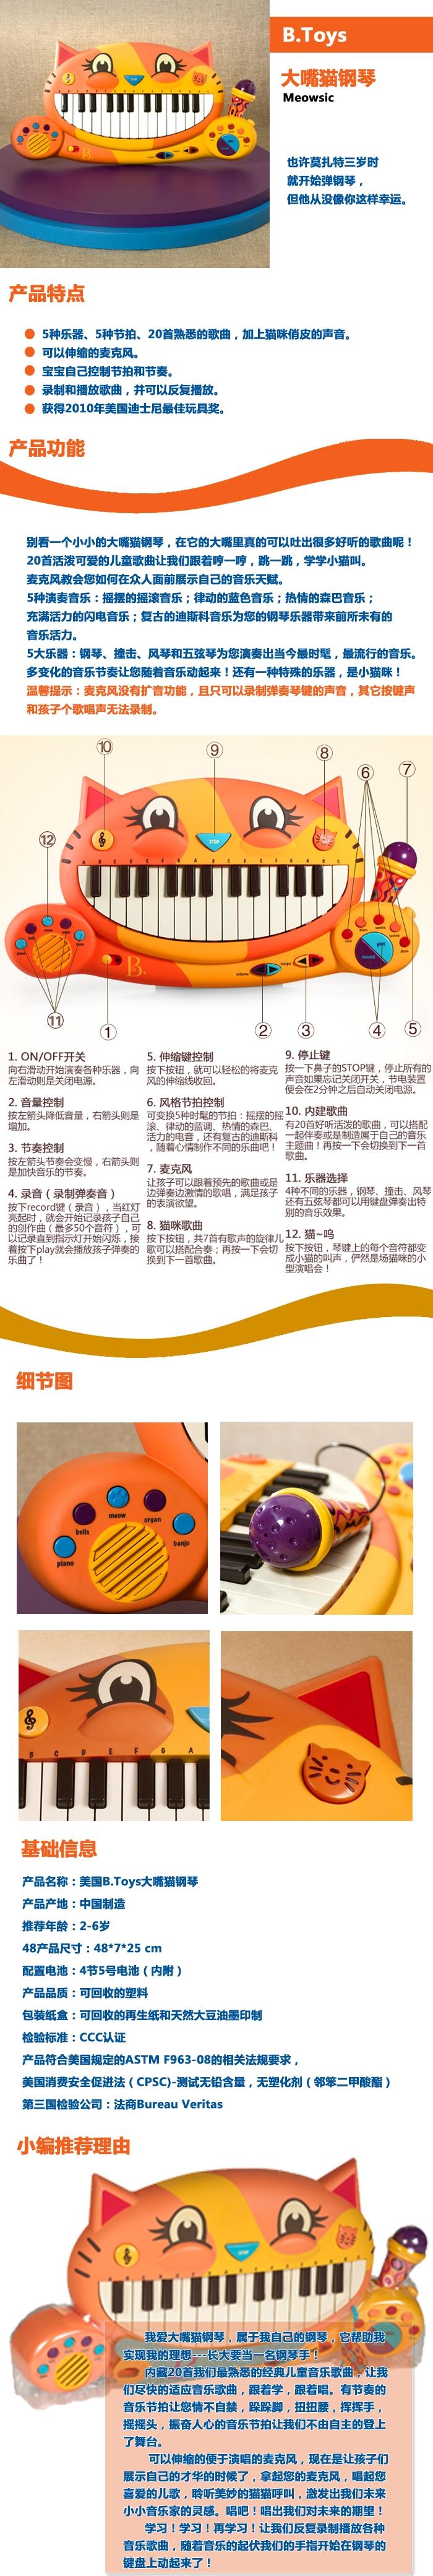 【现货】批发 授权正品b.toys大嘴猫钢琴 儿童玩具琴 电子琴 带麦克风图片